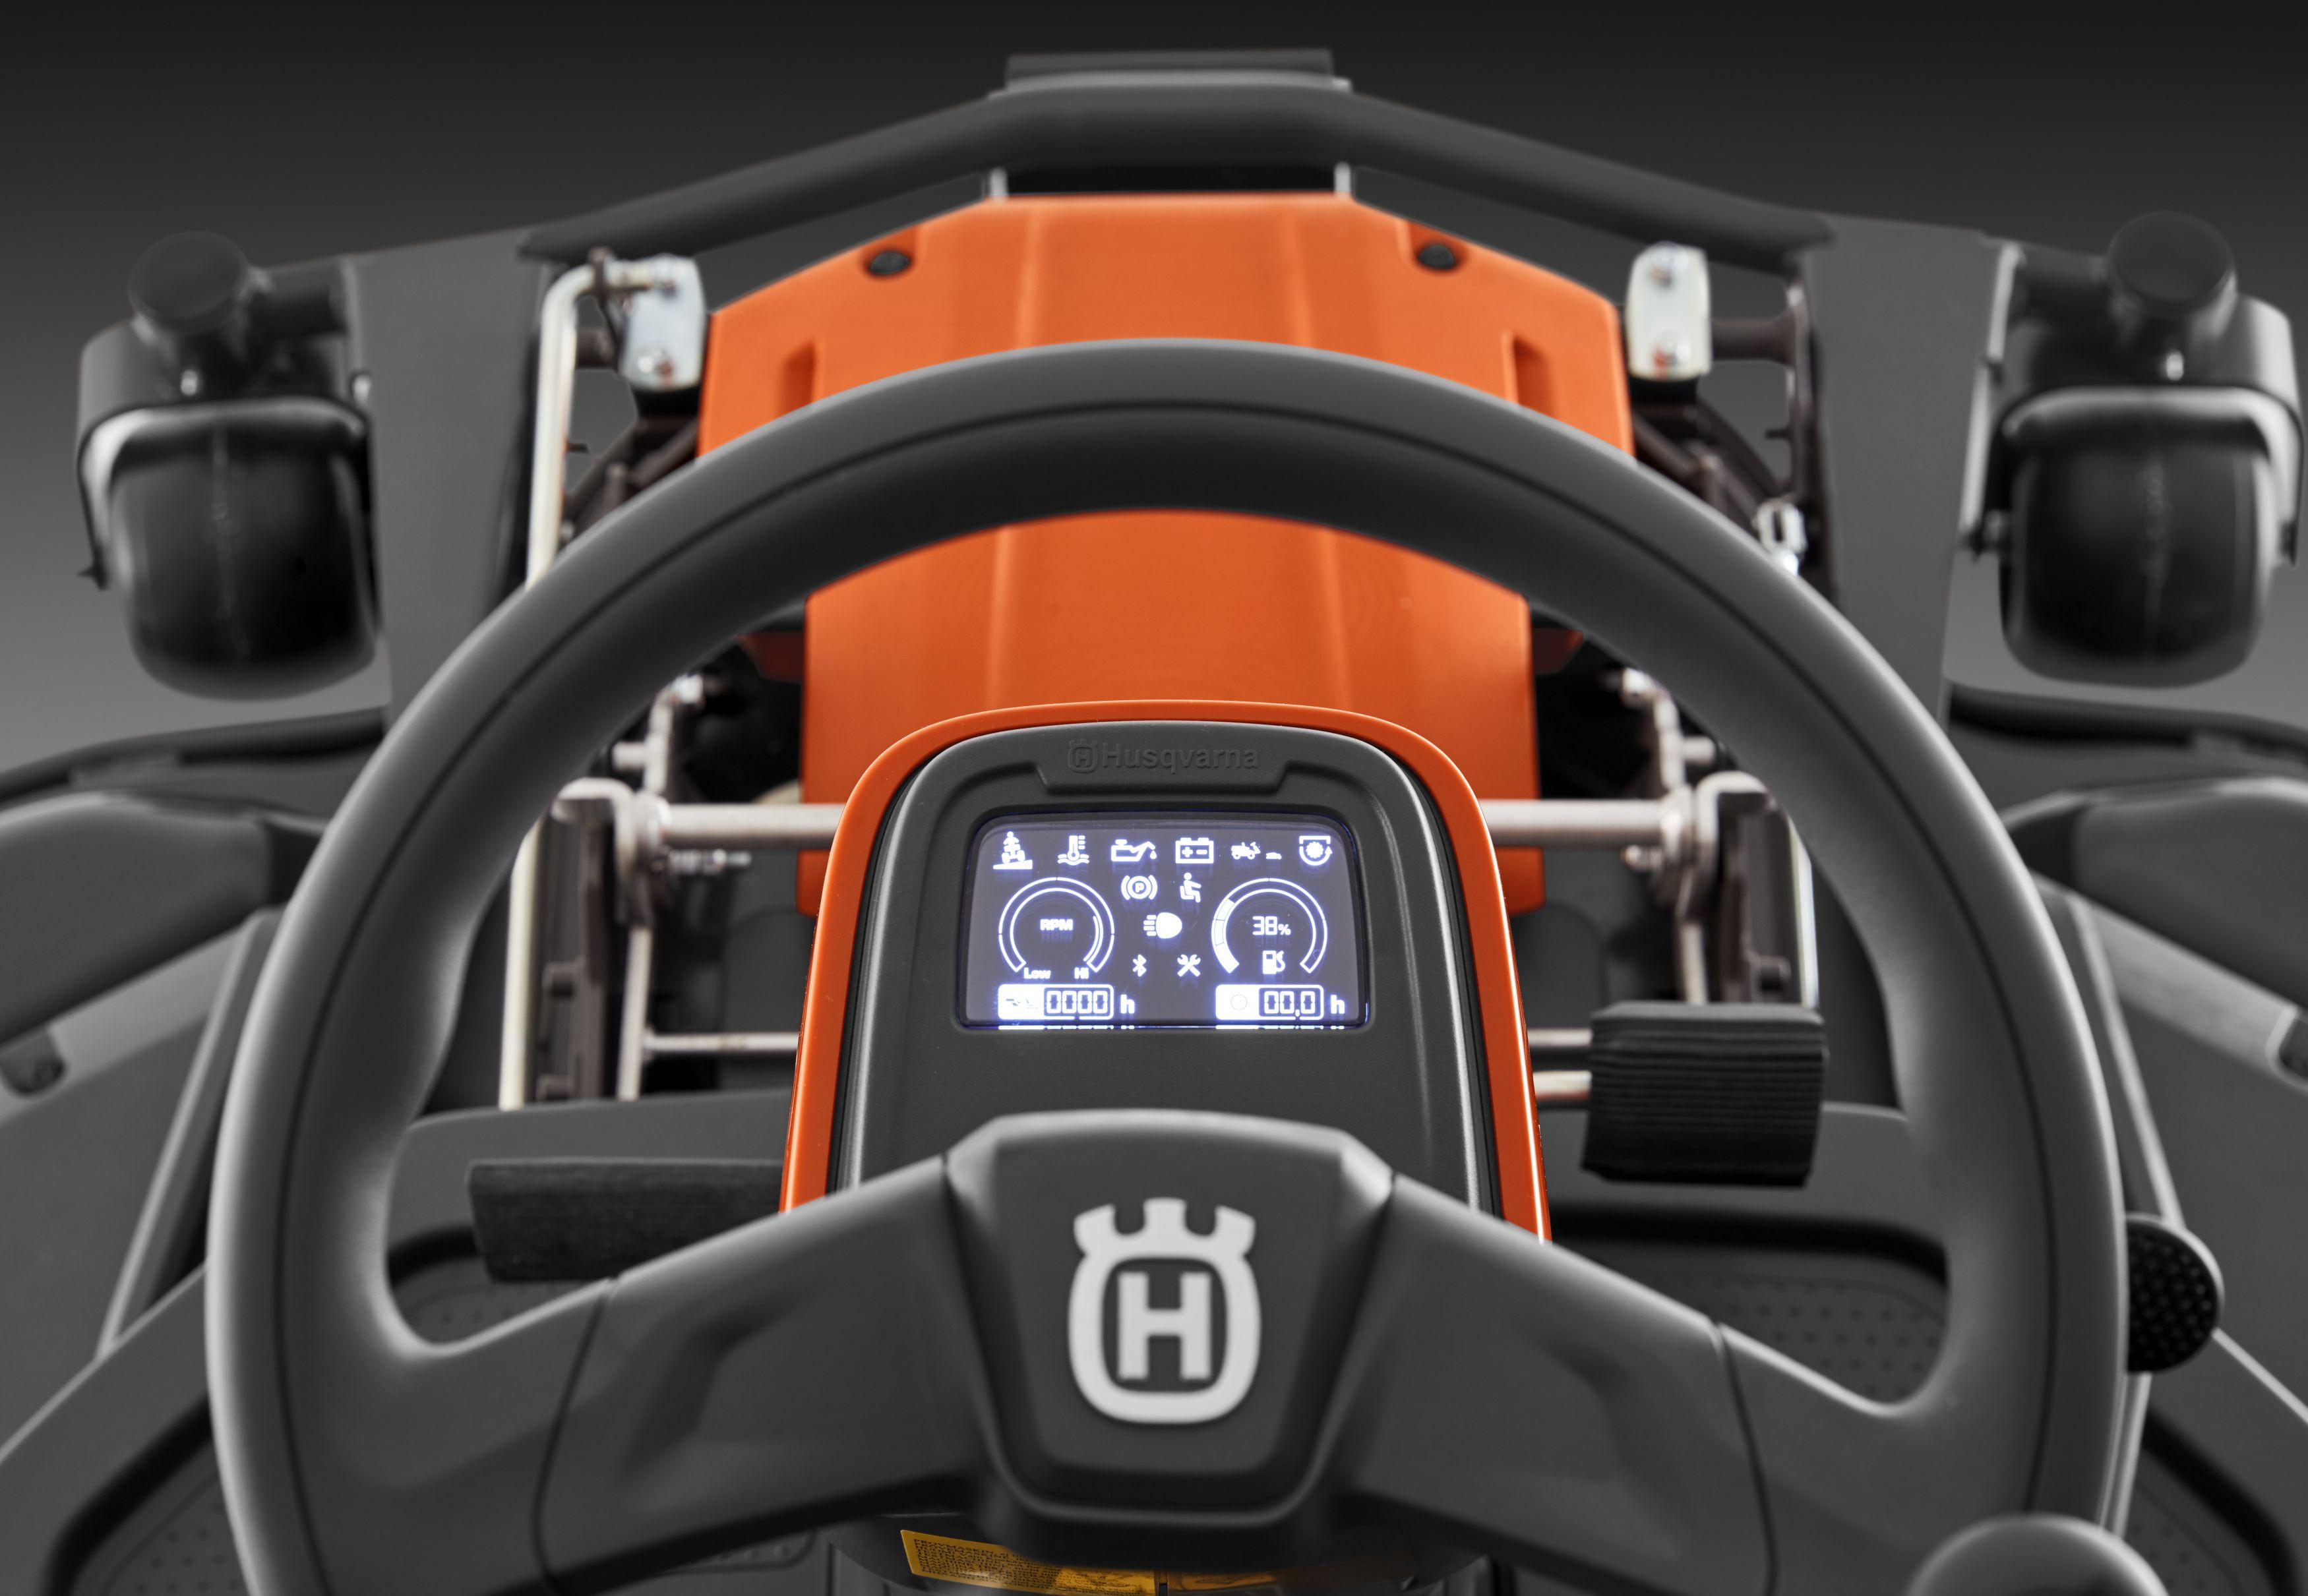 Oranžs Husqvarna raideris, modelis ''R318X'', skats no iekšpuses vadības paneļa